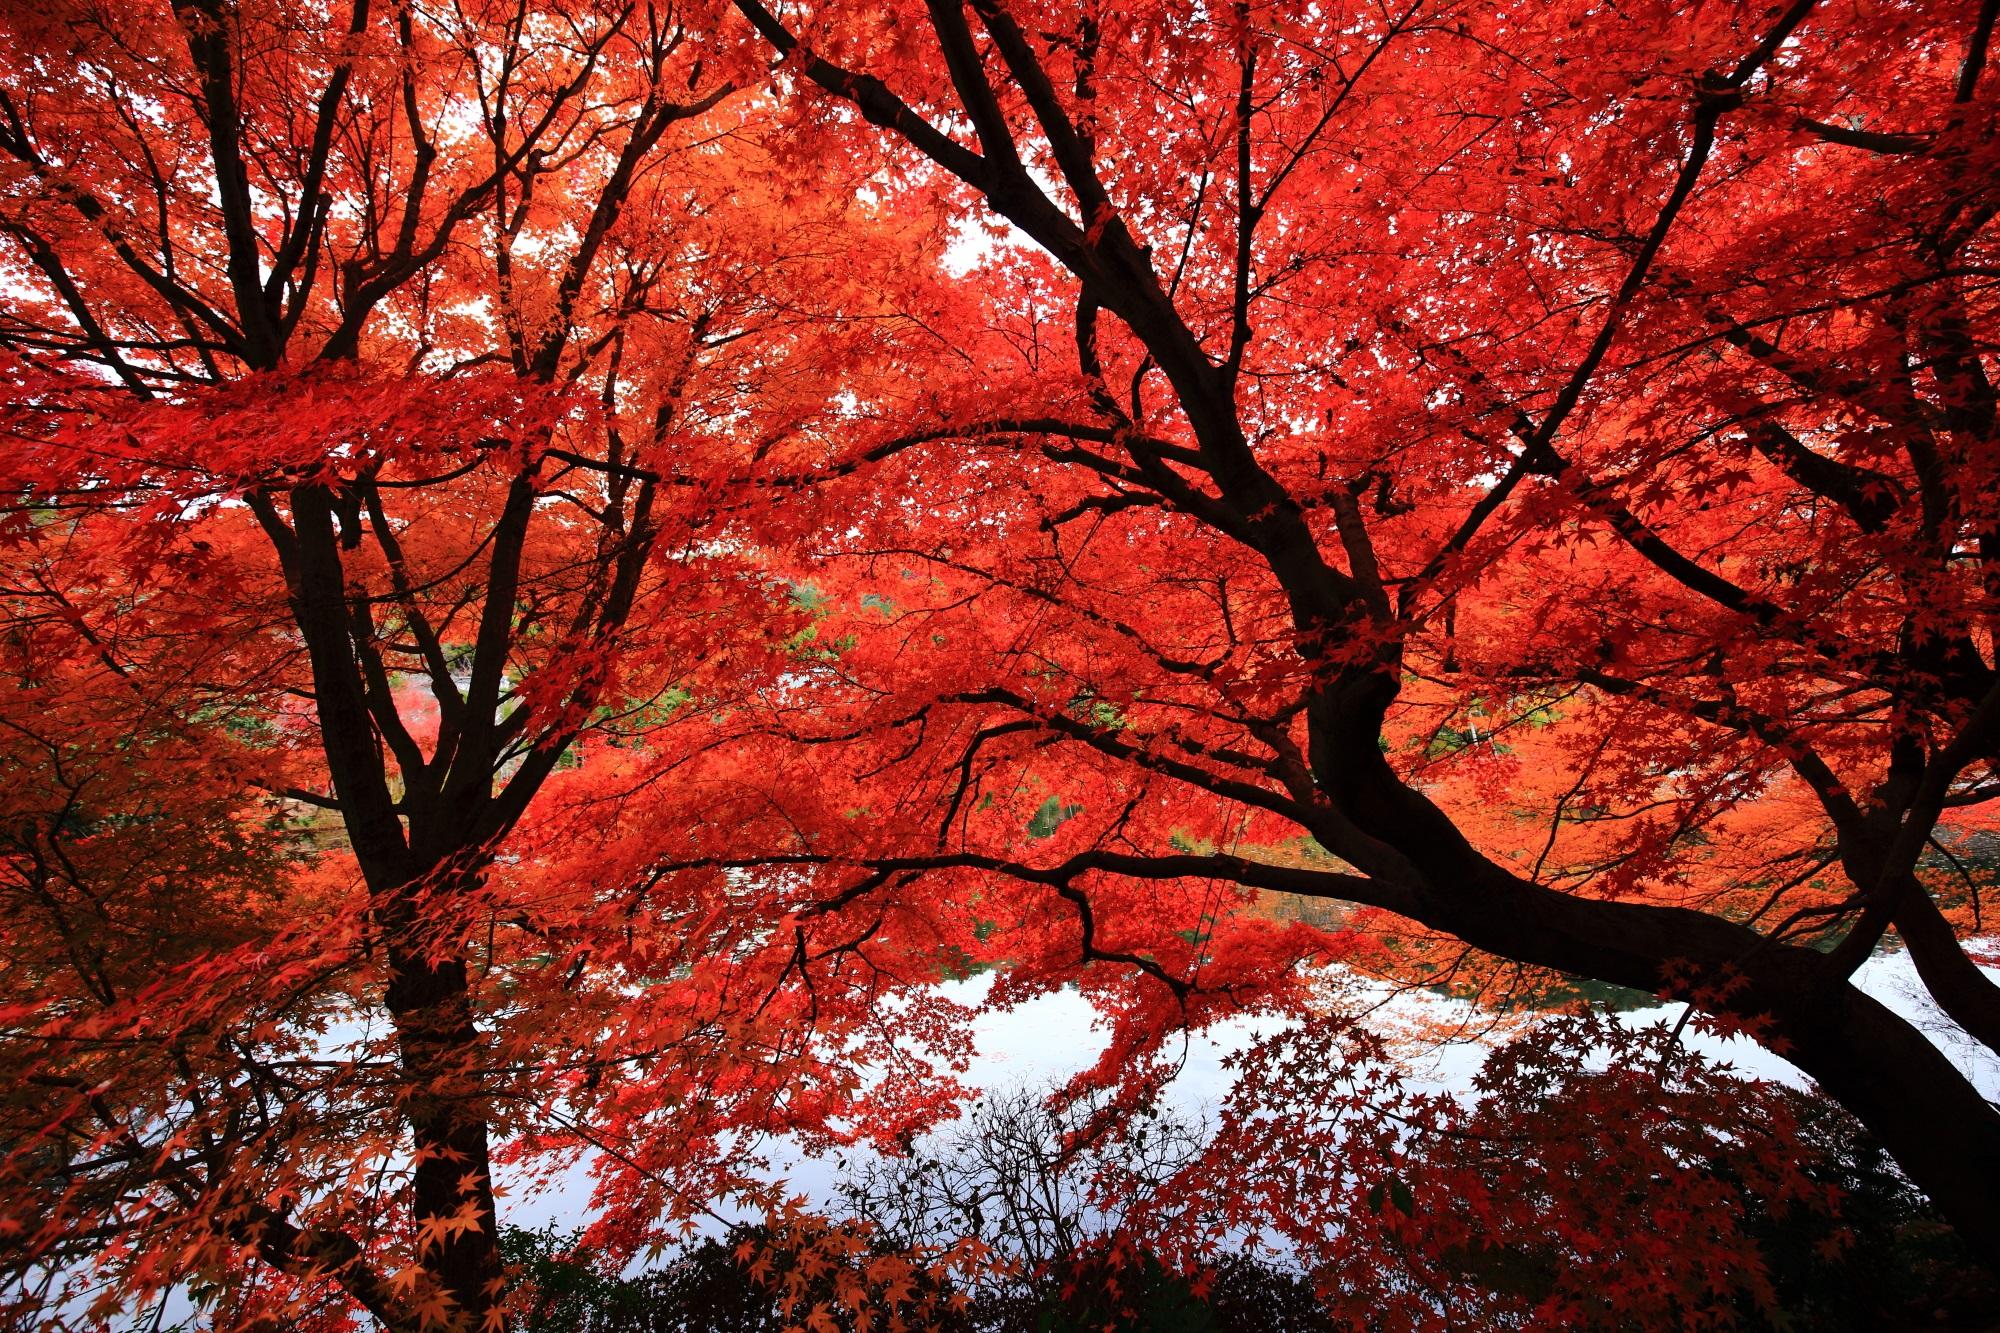 龍安寺の鏡容池の芸術的な枝の紅葉